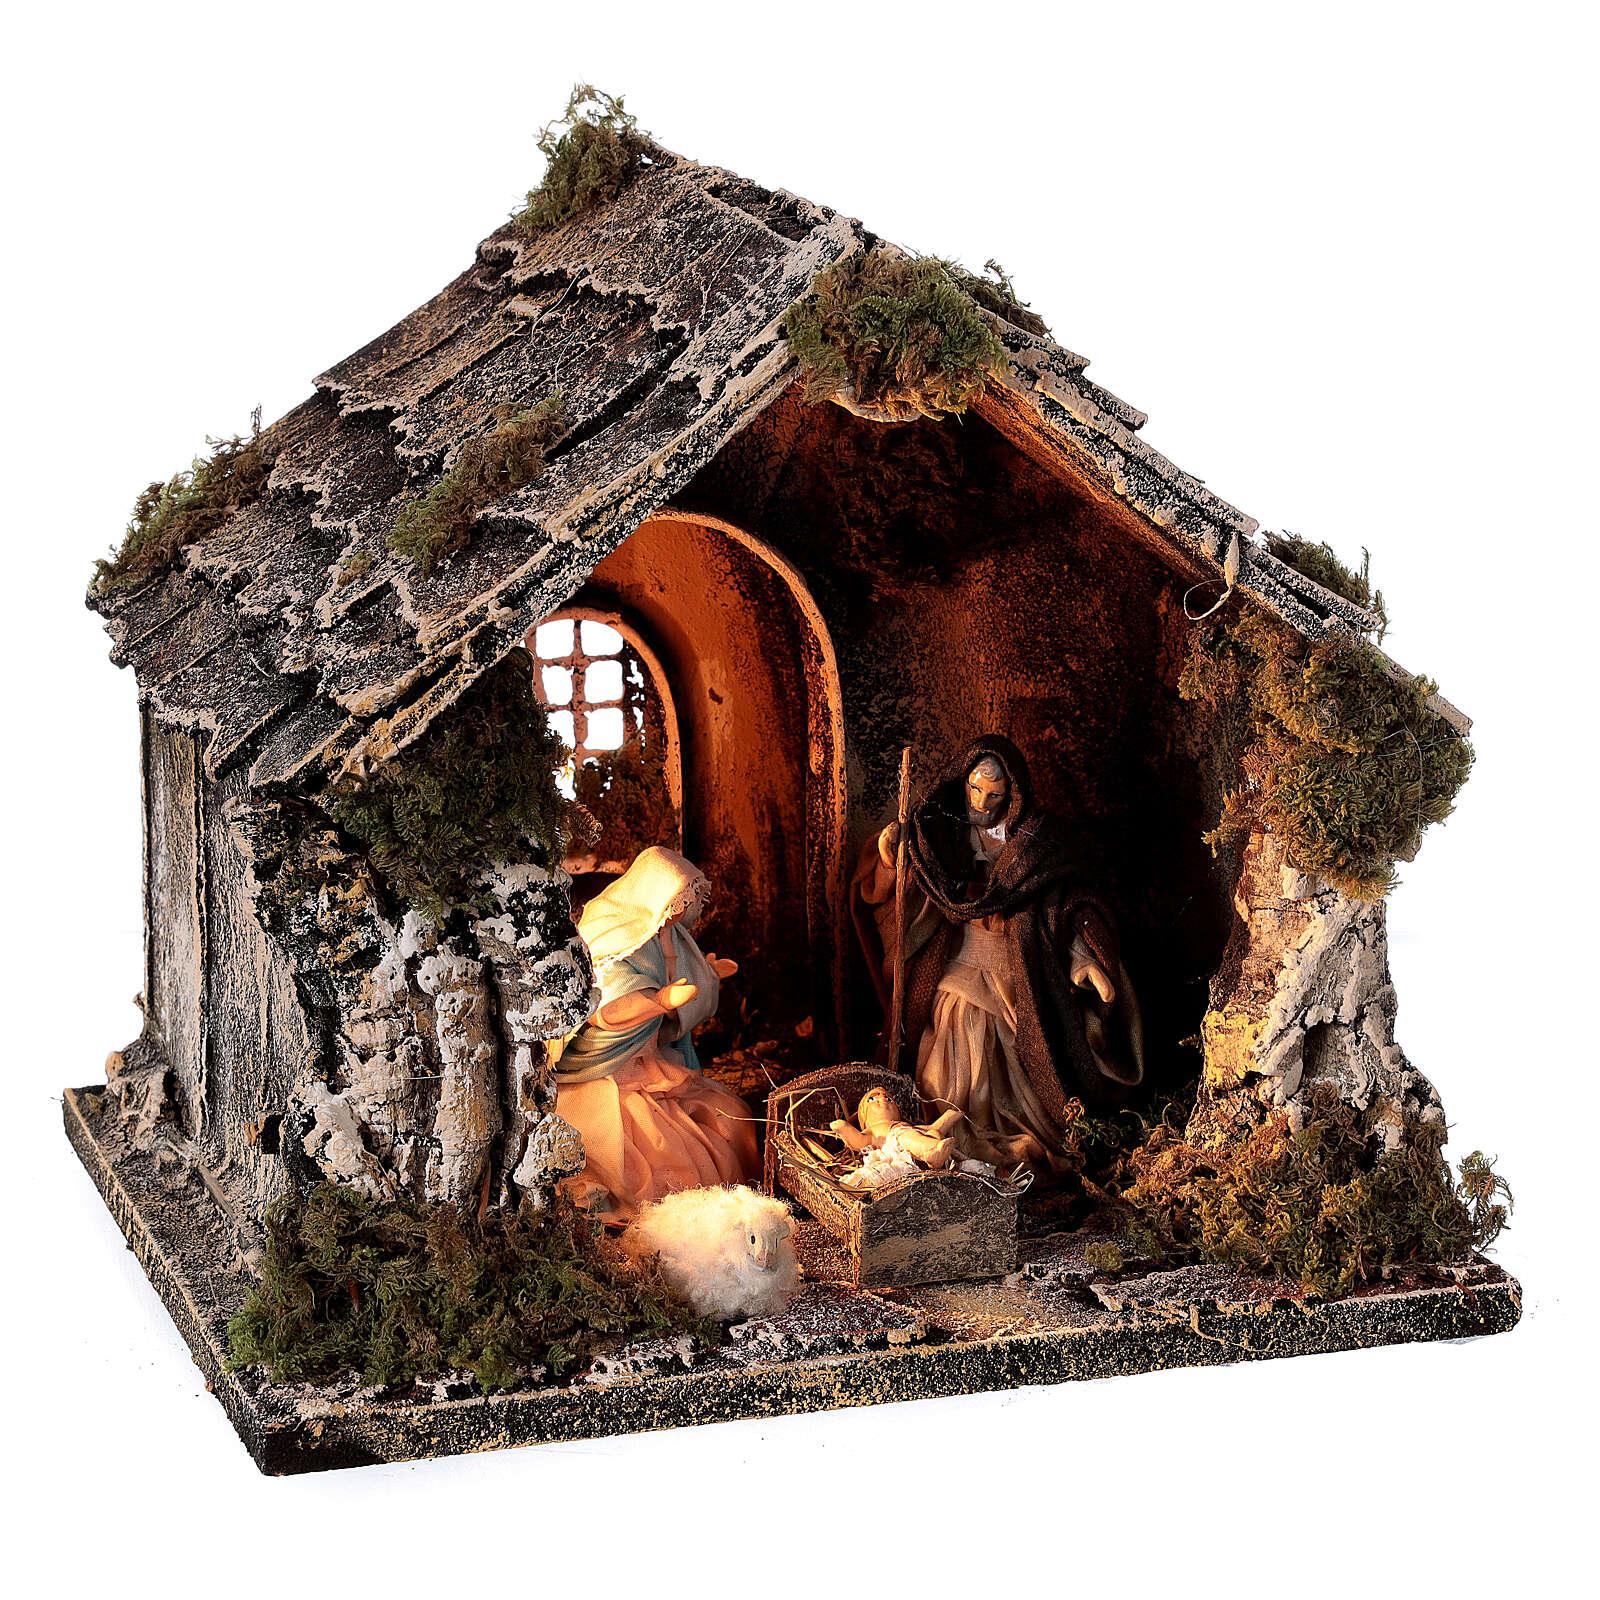 Cabane toit en pente figurines Nativité 10 cm crèche napolitaine 20x25x20 cm 4